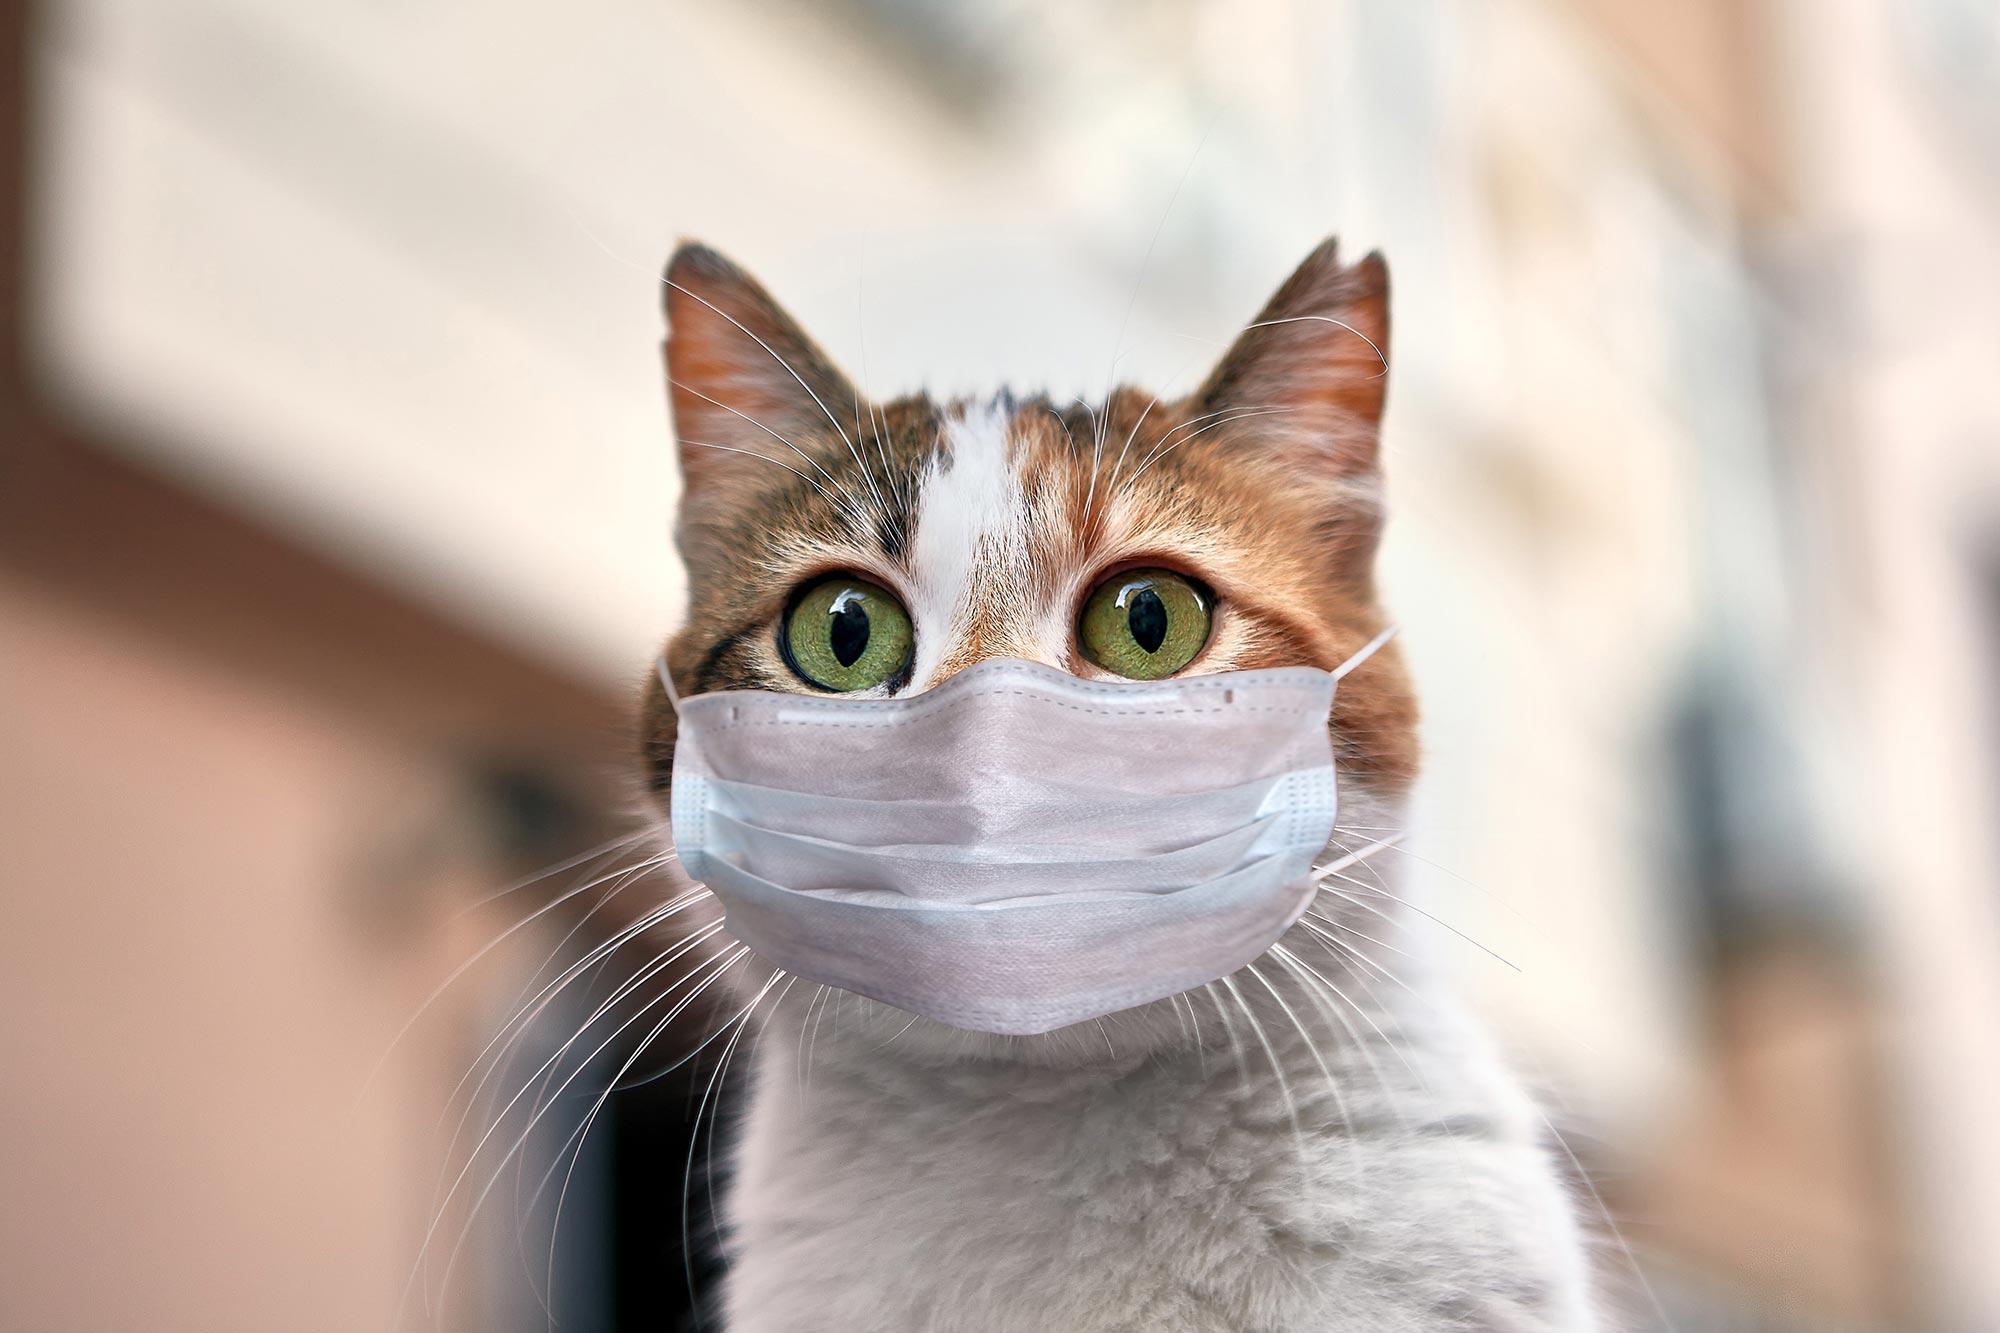 Animali e coronavirus: come regolarsi?